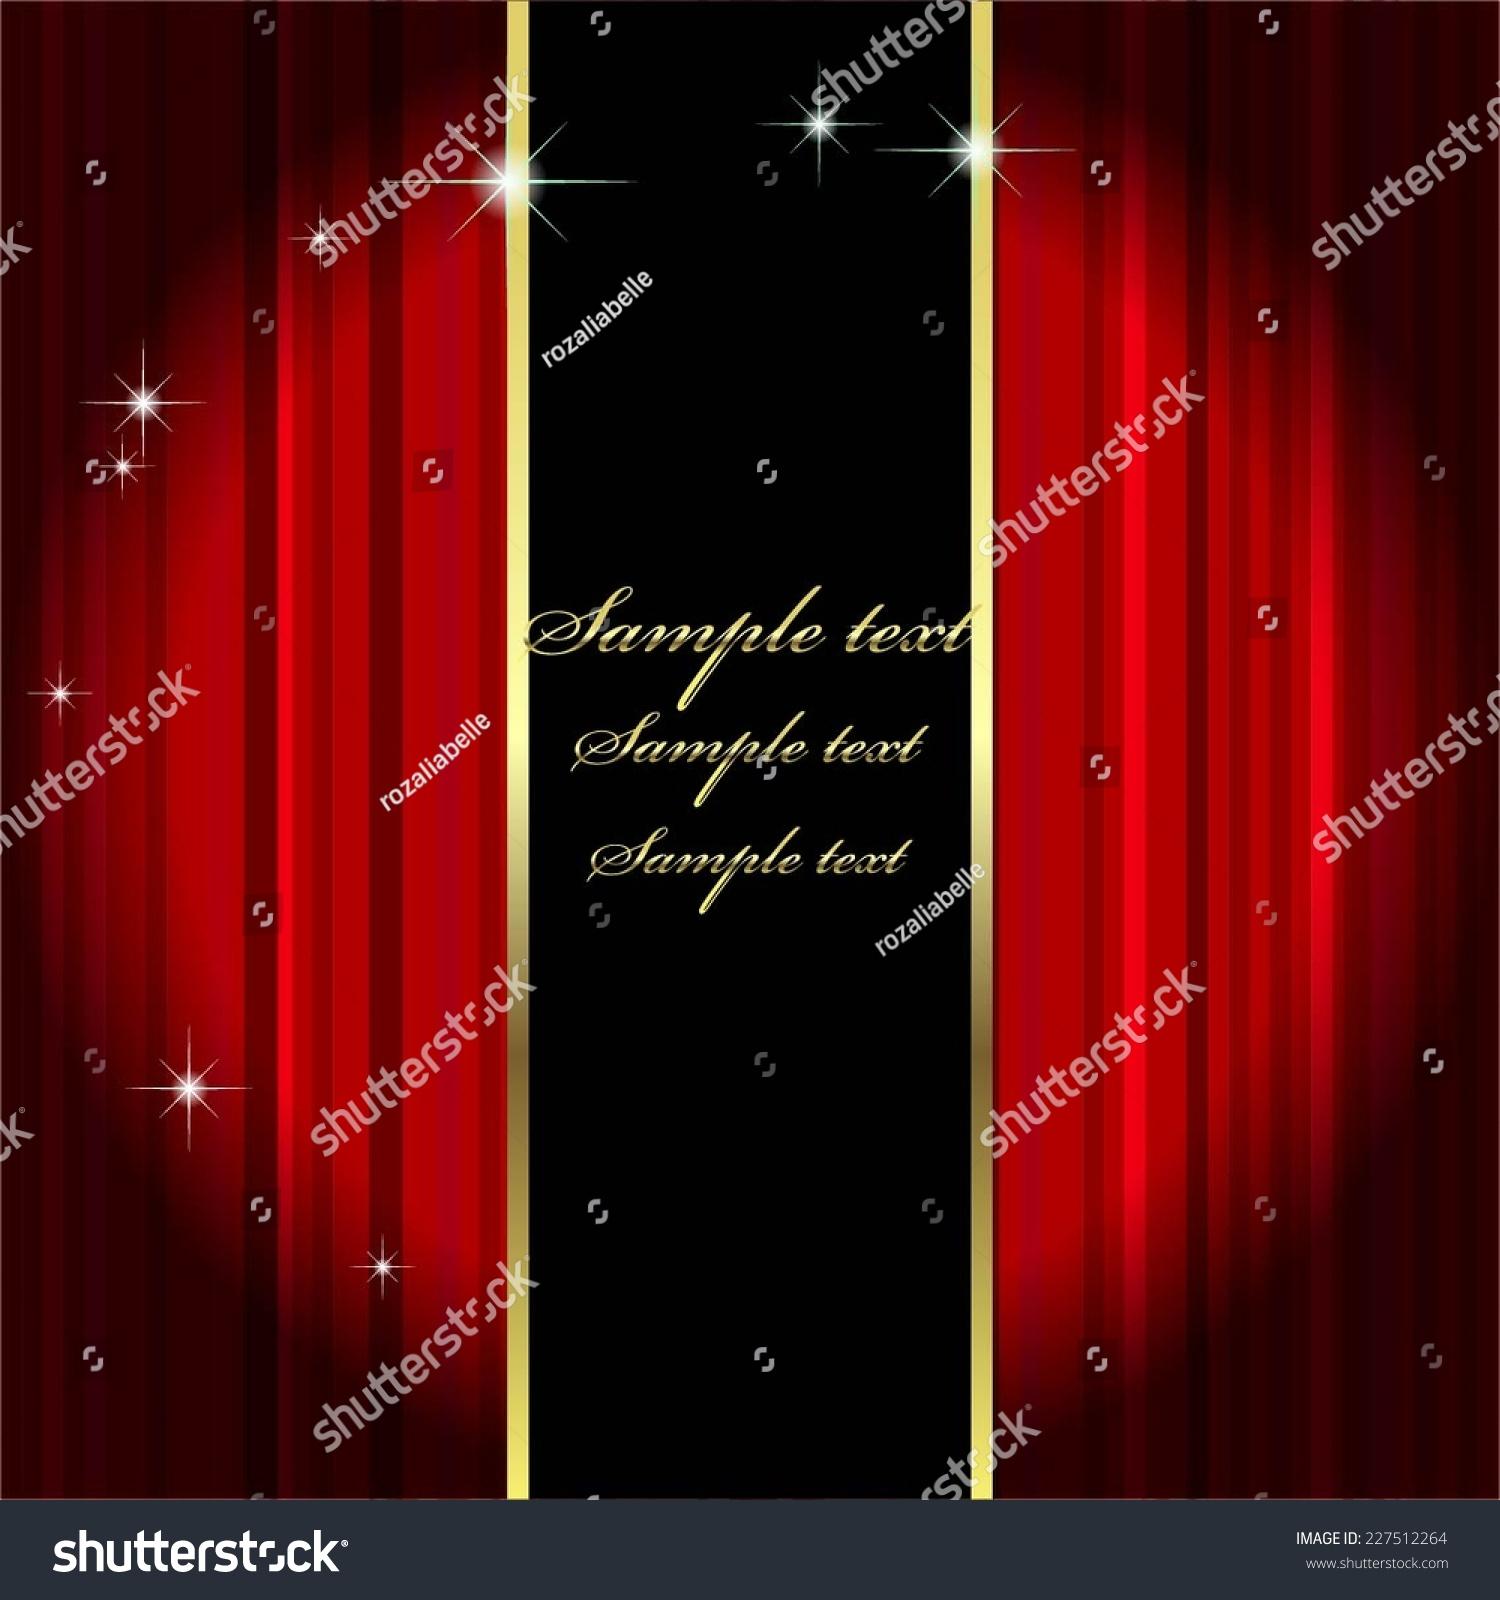 Red curtain spotlight - Vector Illustration Of Red Curtain Theatre Spotlight